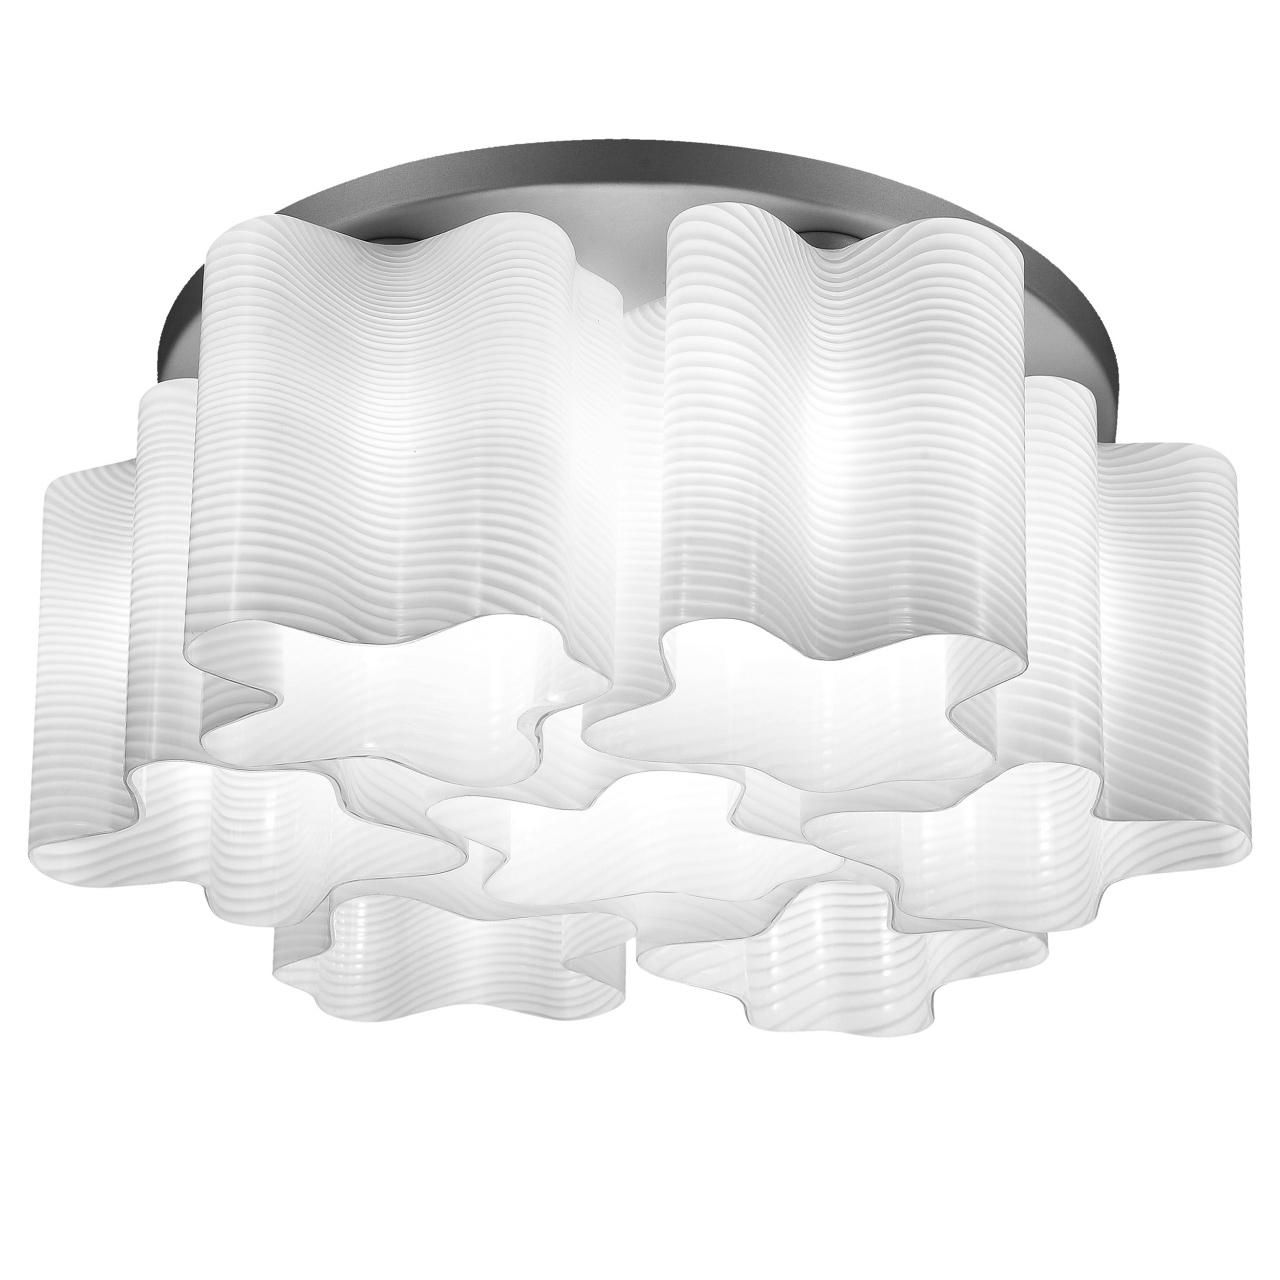 Люстра потолочная Nubi Ondoso 7х40W E27 хром / белый полосатый Lightstar 802071